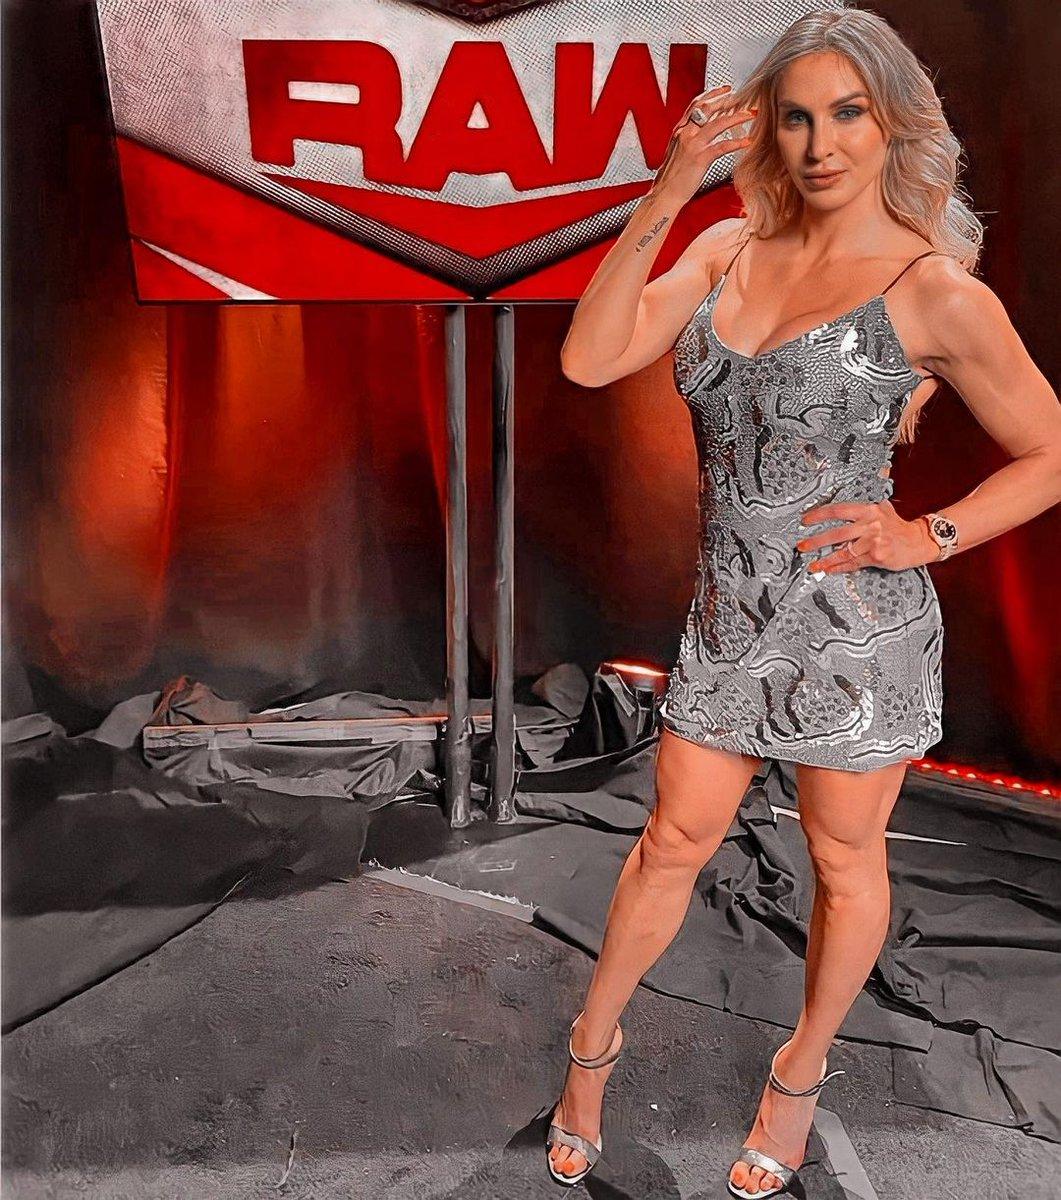 Charlotte Flair ❤️❤️❤️  #CharlotteFlair #WWE #WWEThunderDome #WWENXT #WWERaw #WWESmackdown #WWETLC #WWE24 #wwedivas #raw #sdlive #RomanReigns https://t.co/5A02Zr8UwB